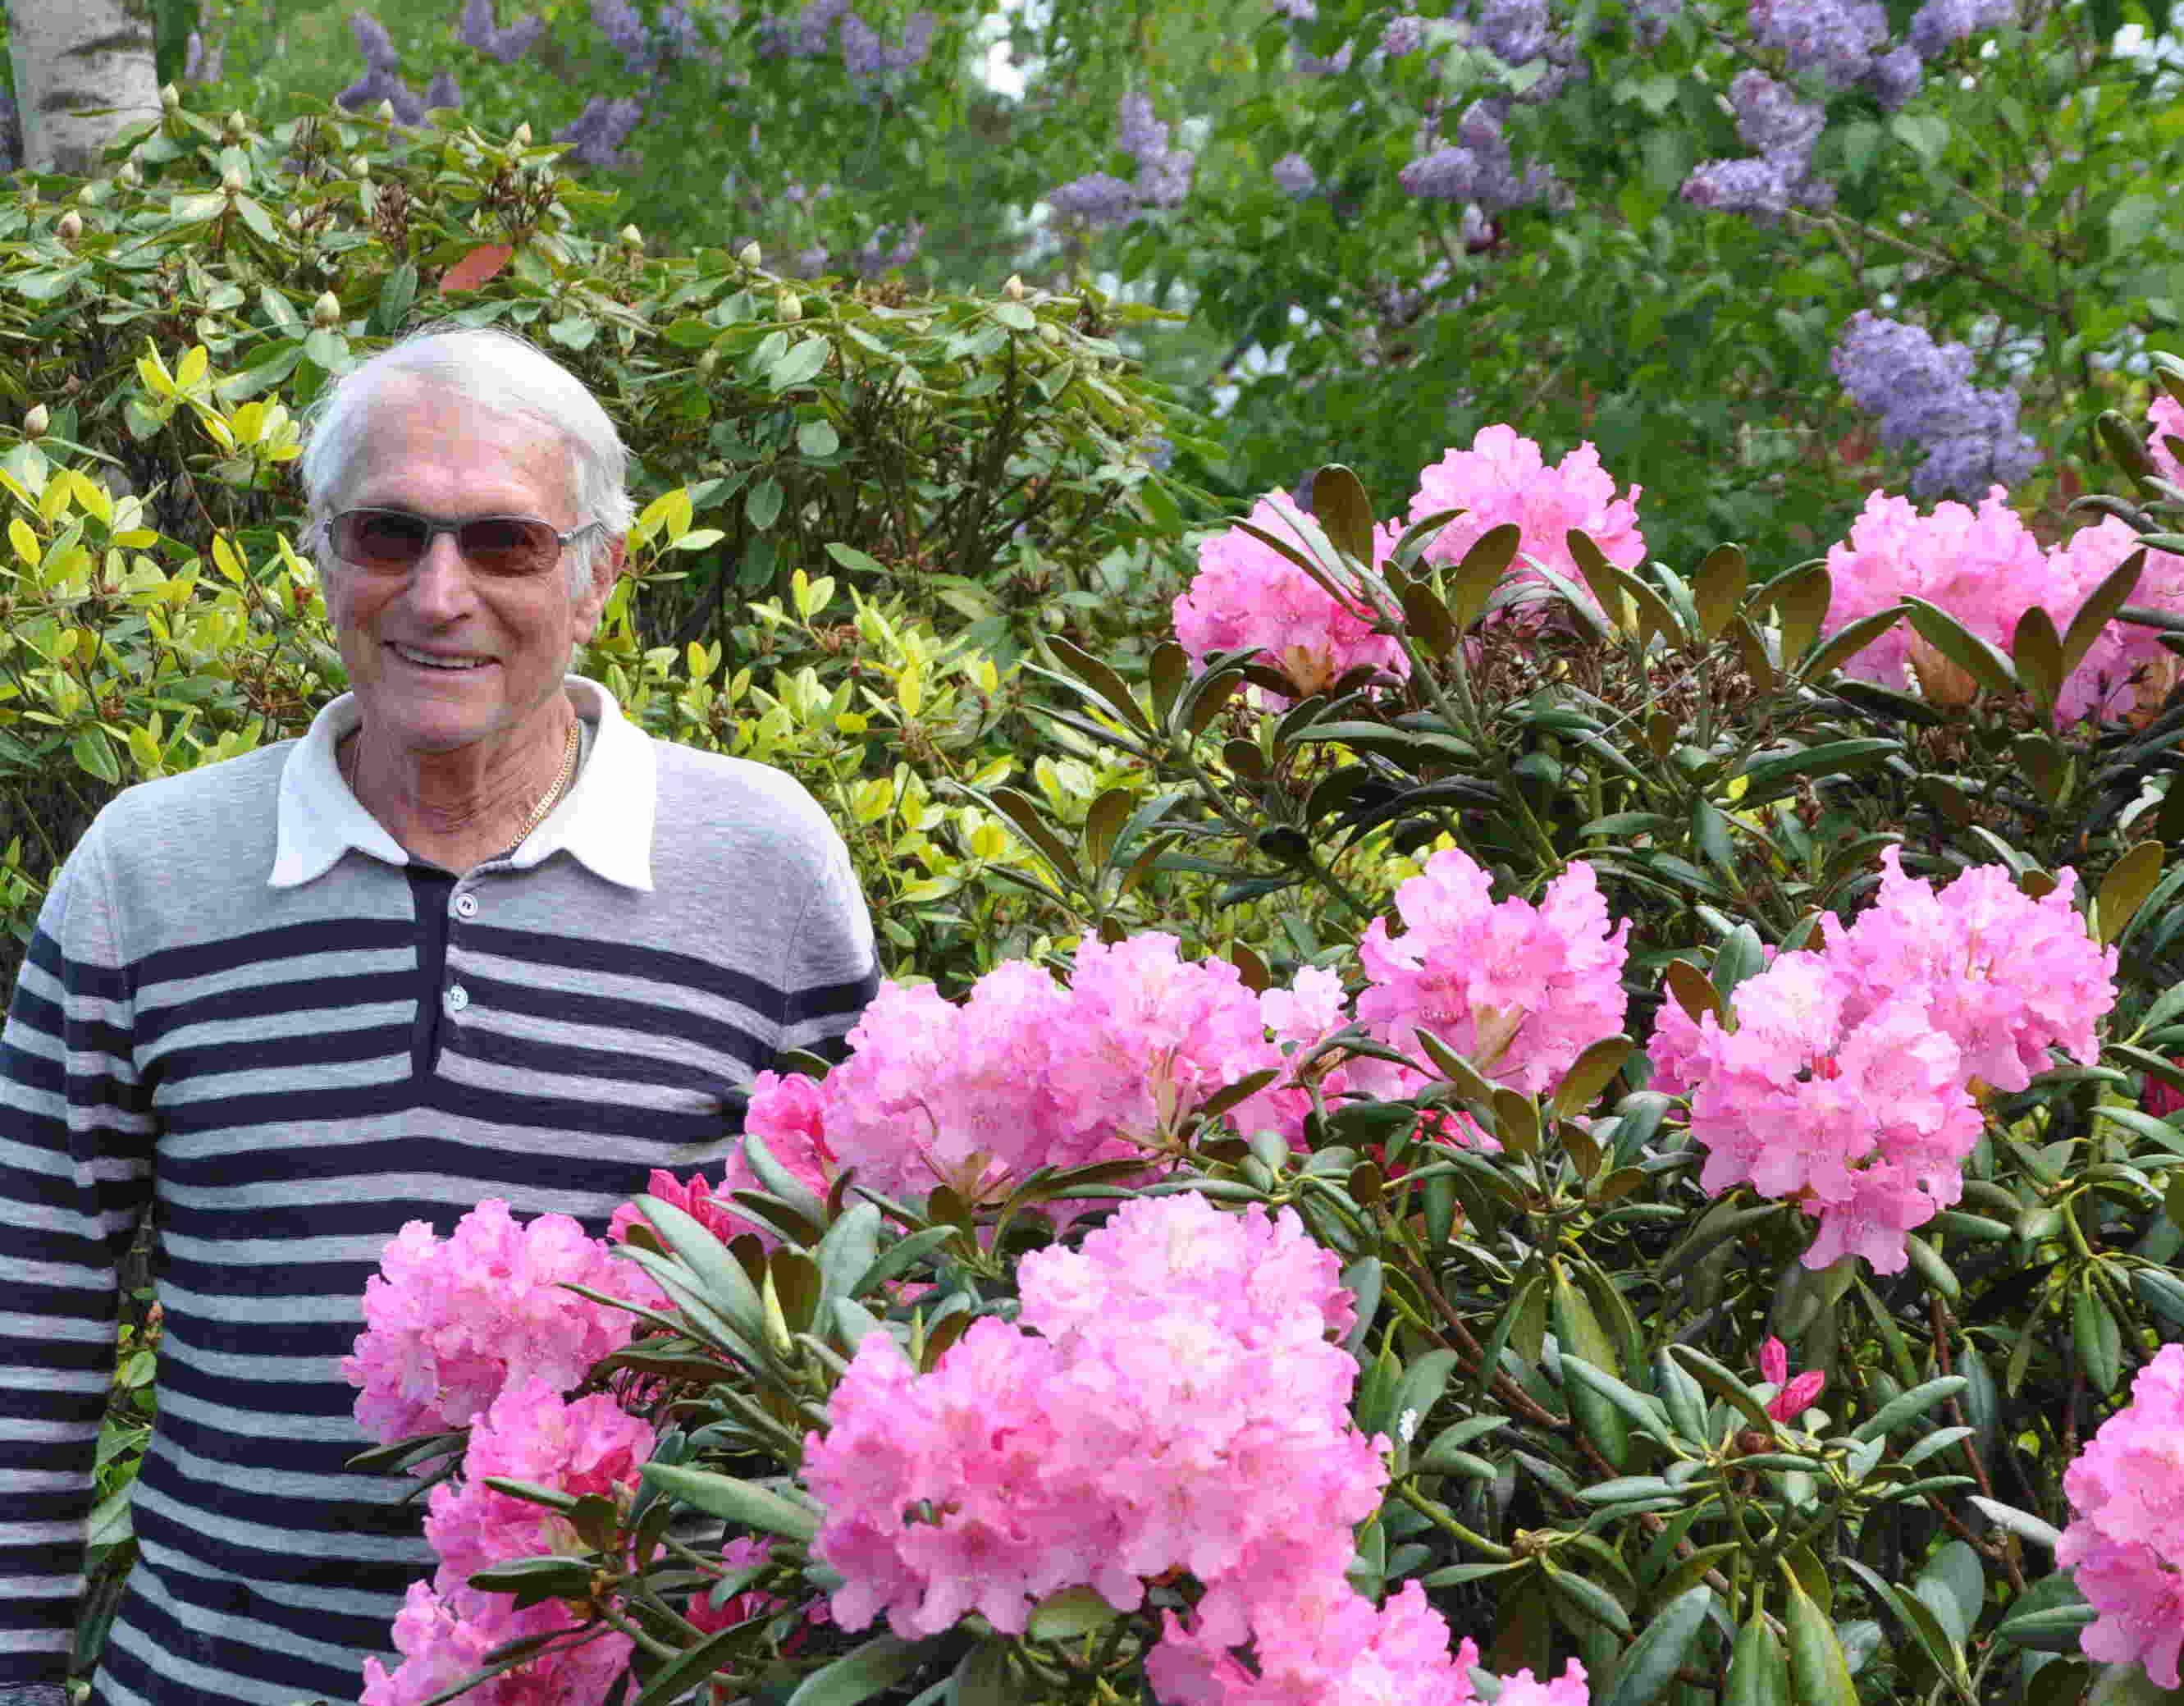 Rhododendron vill ha sur jord och luftig, torvrik jord.